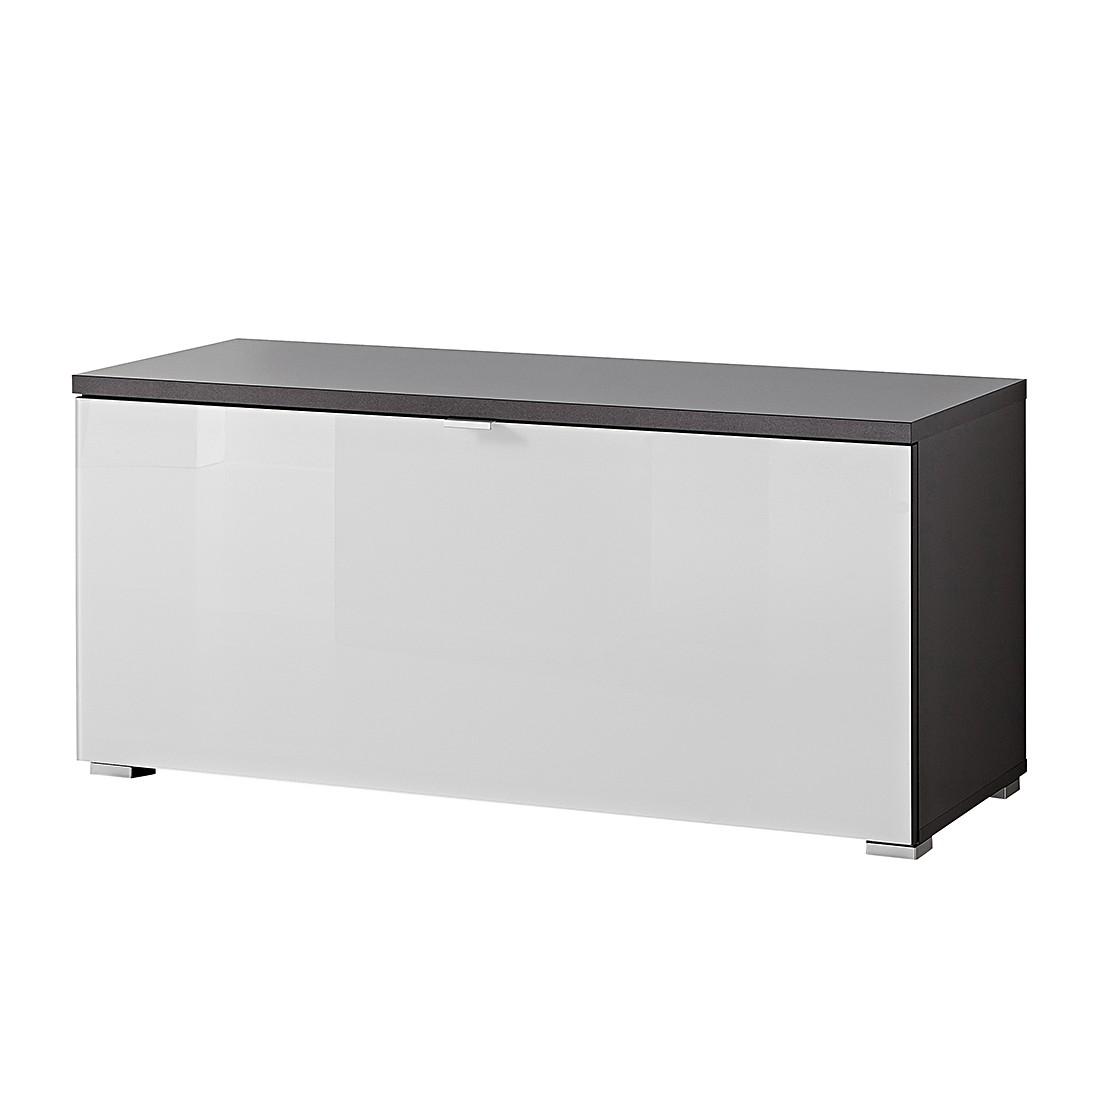 Schuhbank Alada – Anthrazit/Glas Weiß, Top Square günstig kaufen